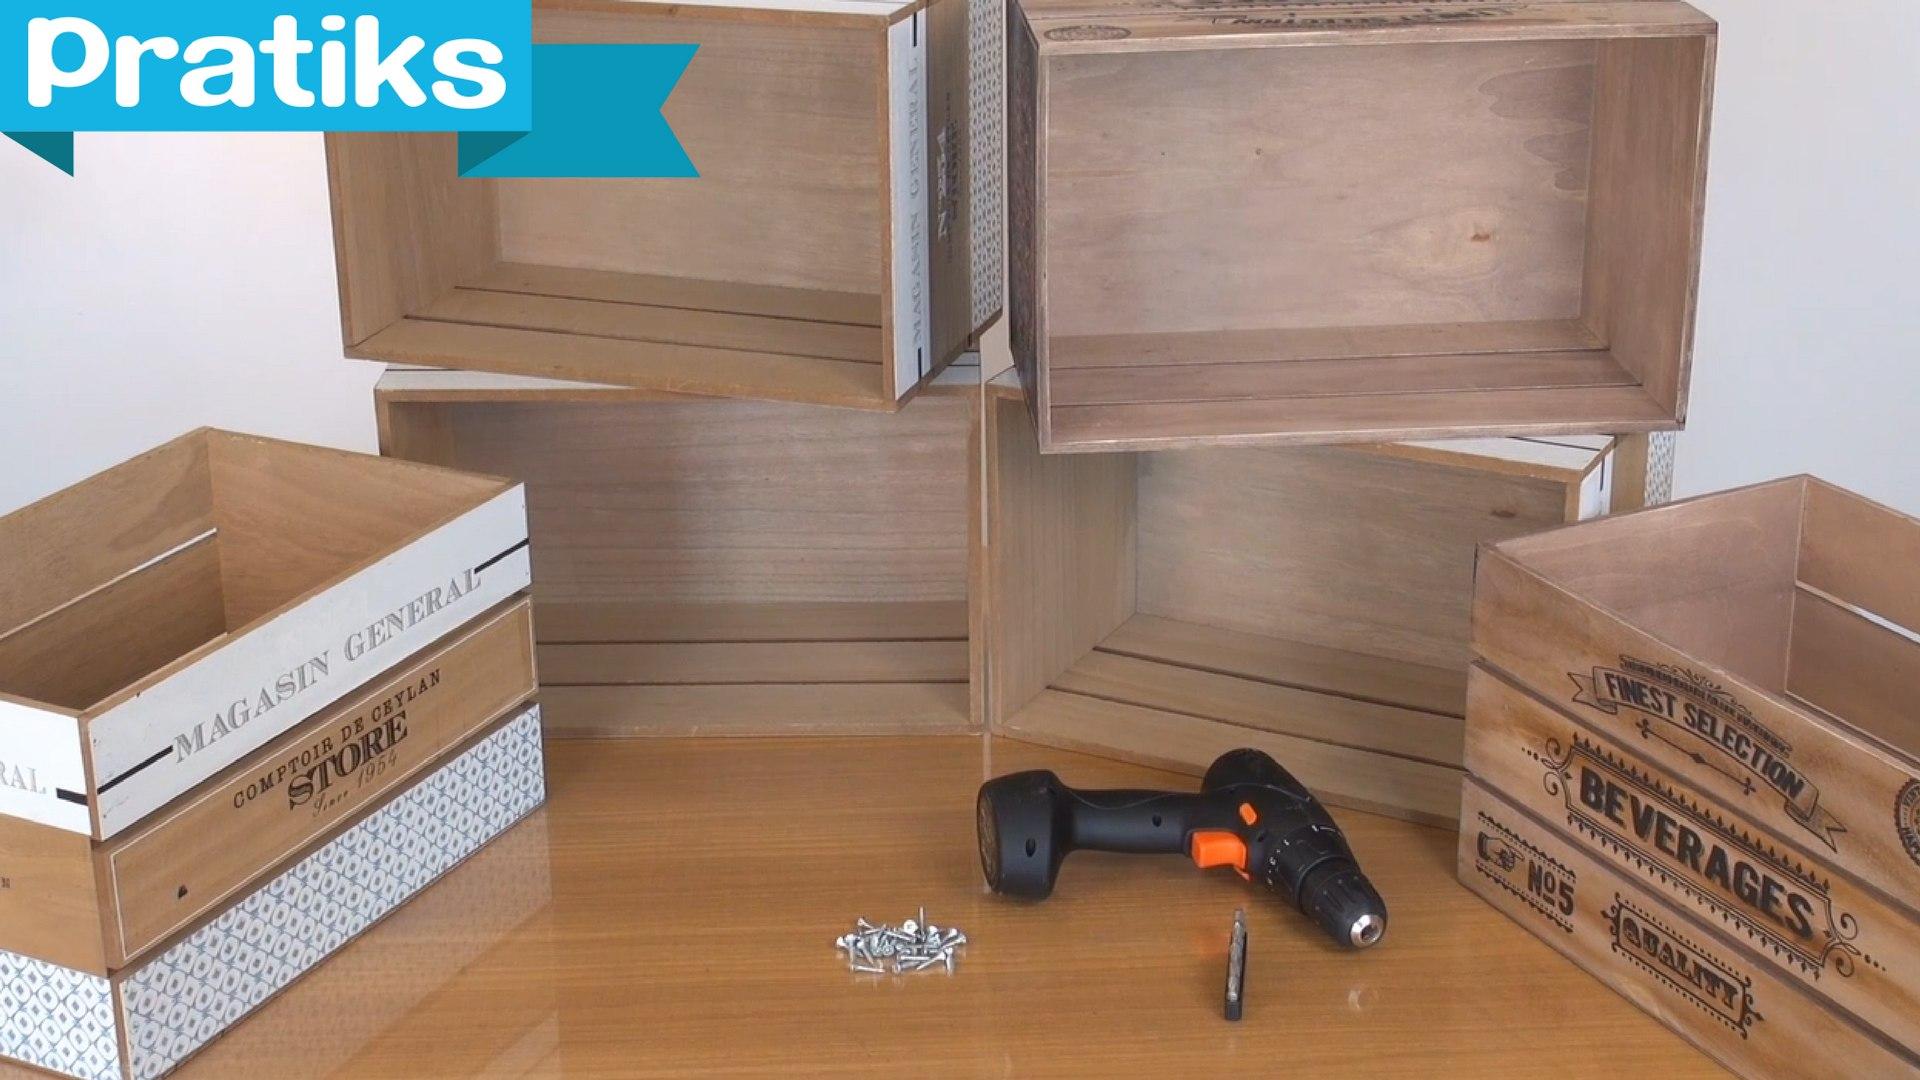 Comment Fabriquer Une Caisse En Bois diy : comment faire des meubles avec des caisses en bois ?